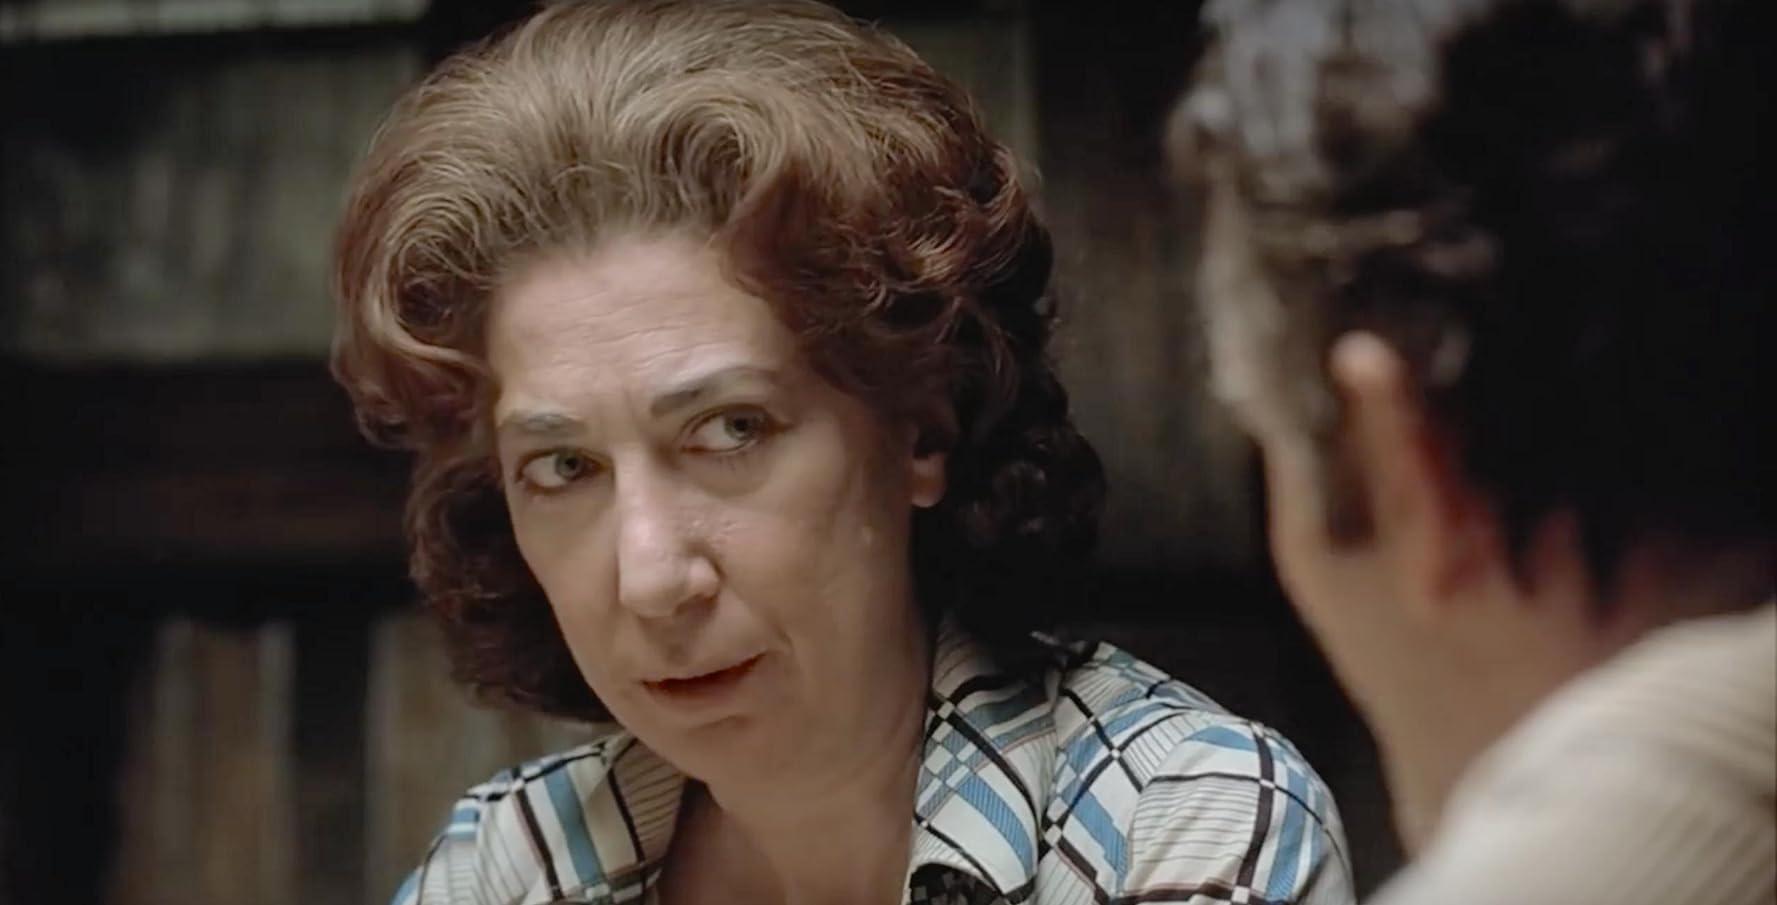 Aria Clemente (b. 1995) Adult clips Janice Logan,Diana Meszaros HUN 1 2001